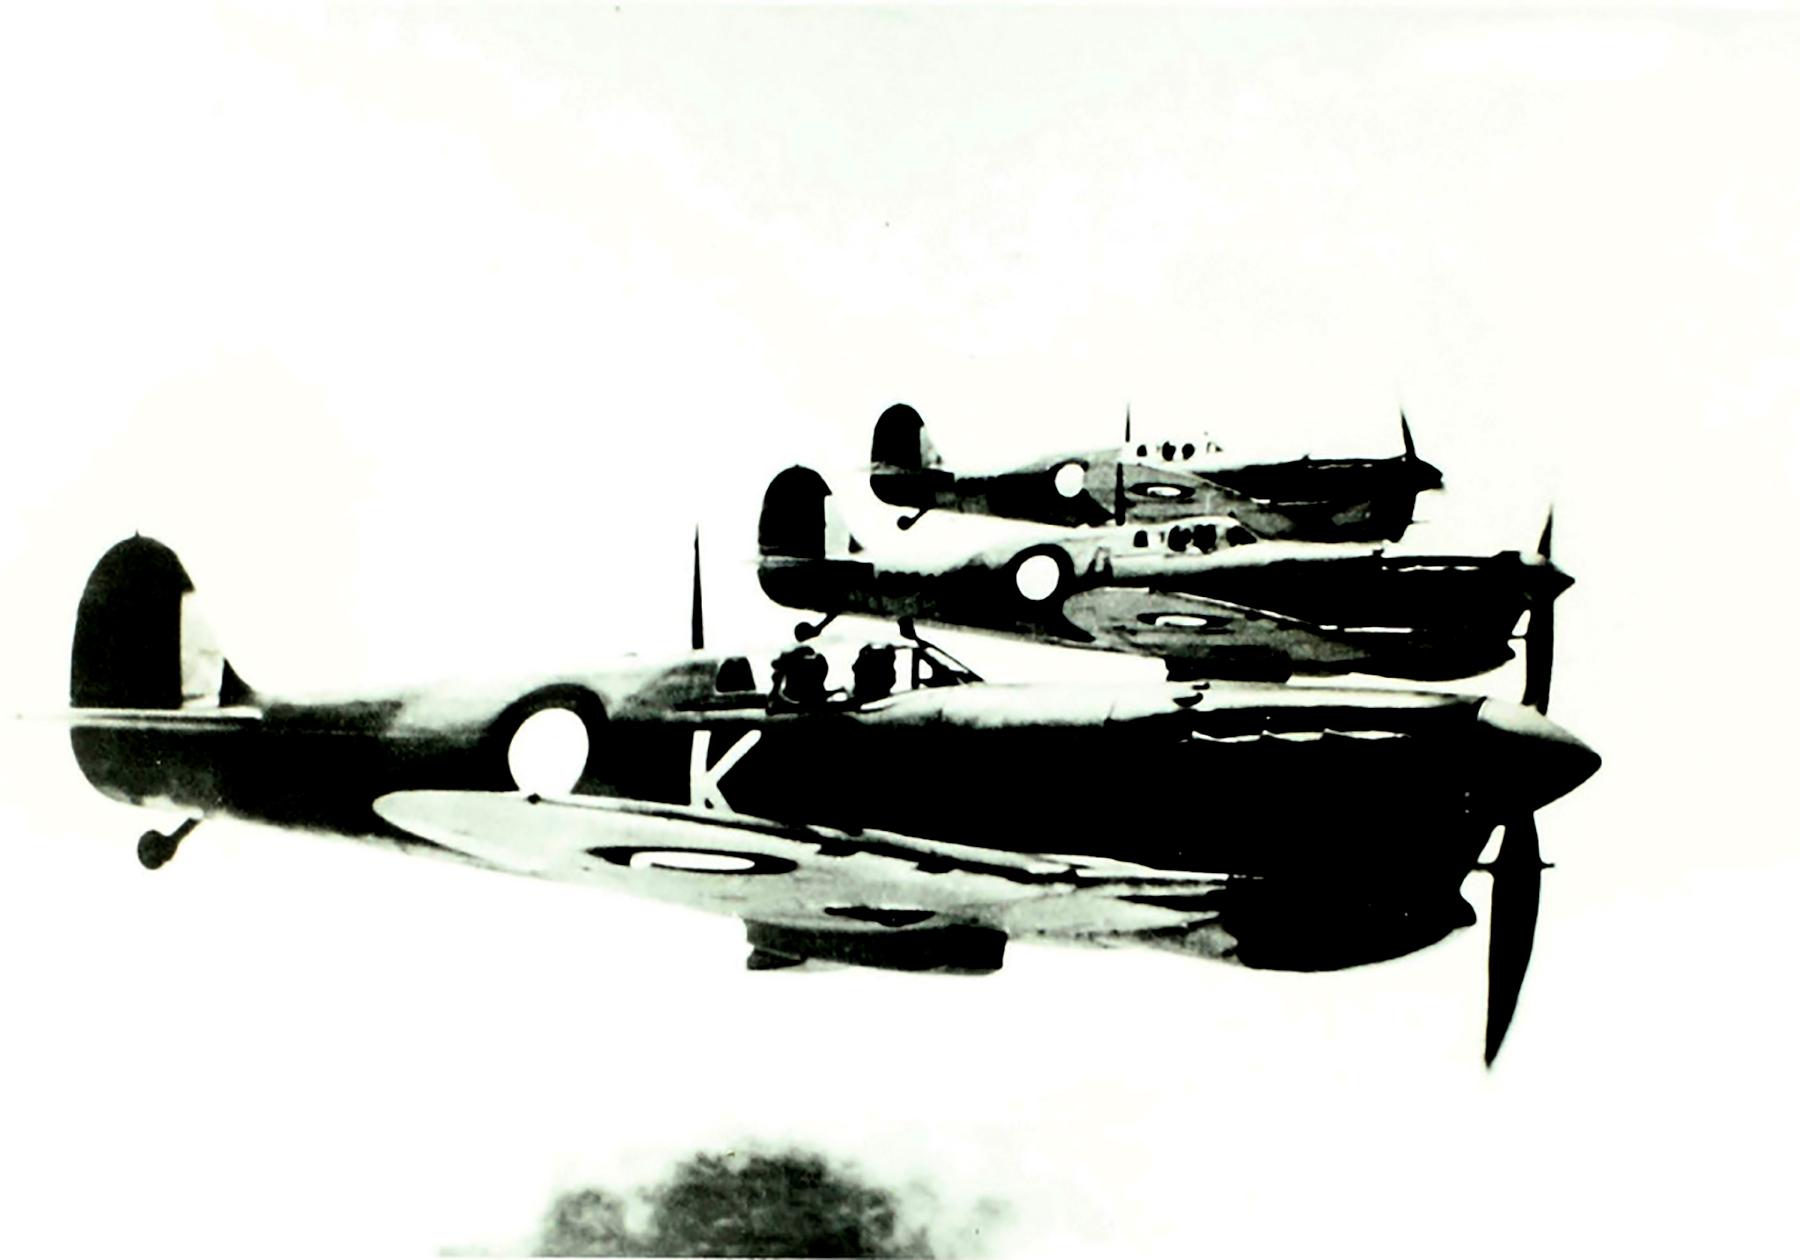 Spitfire MkVcTrop RAAF on patrol 01